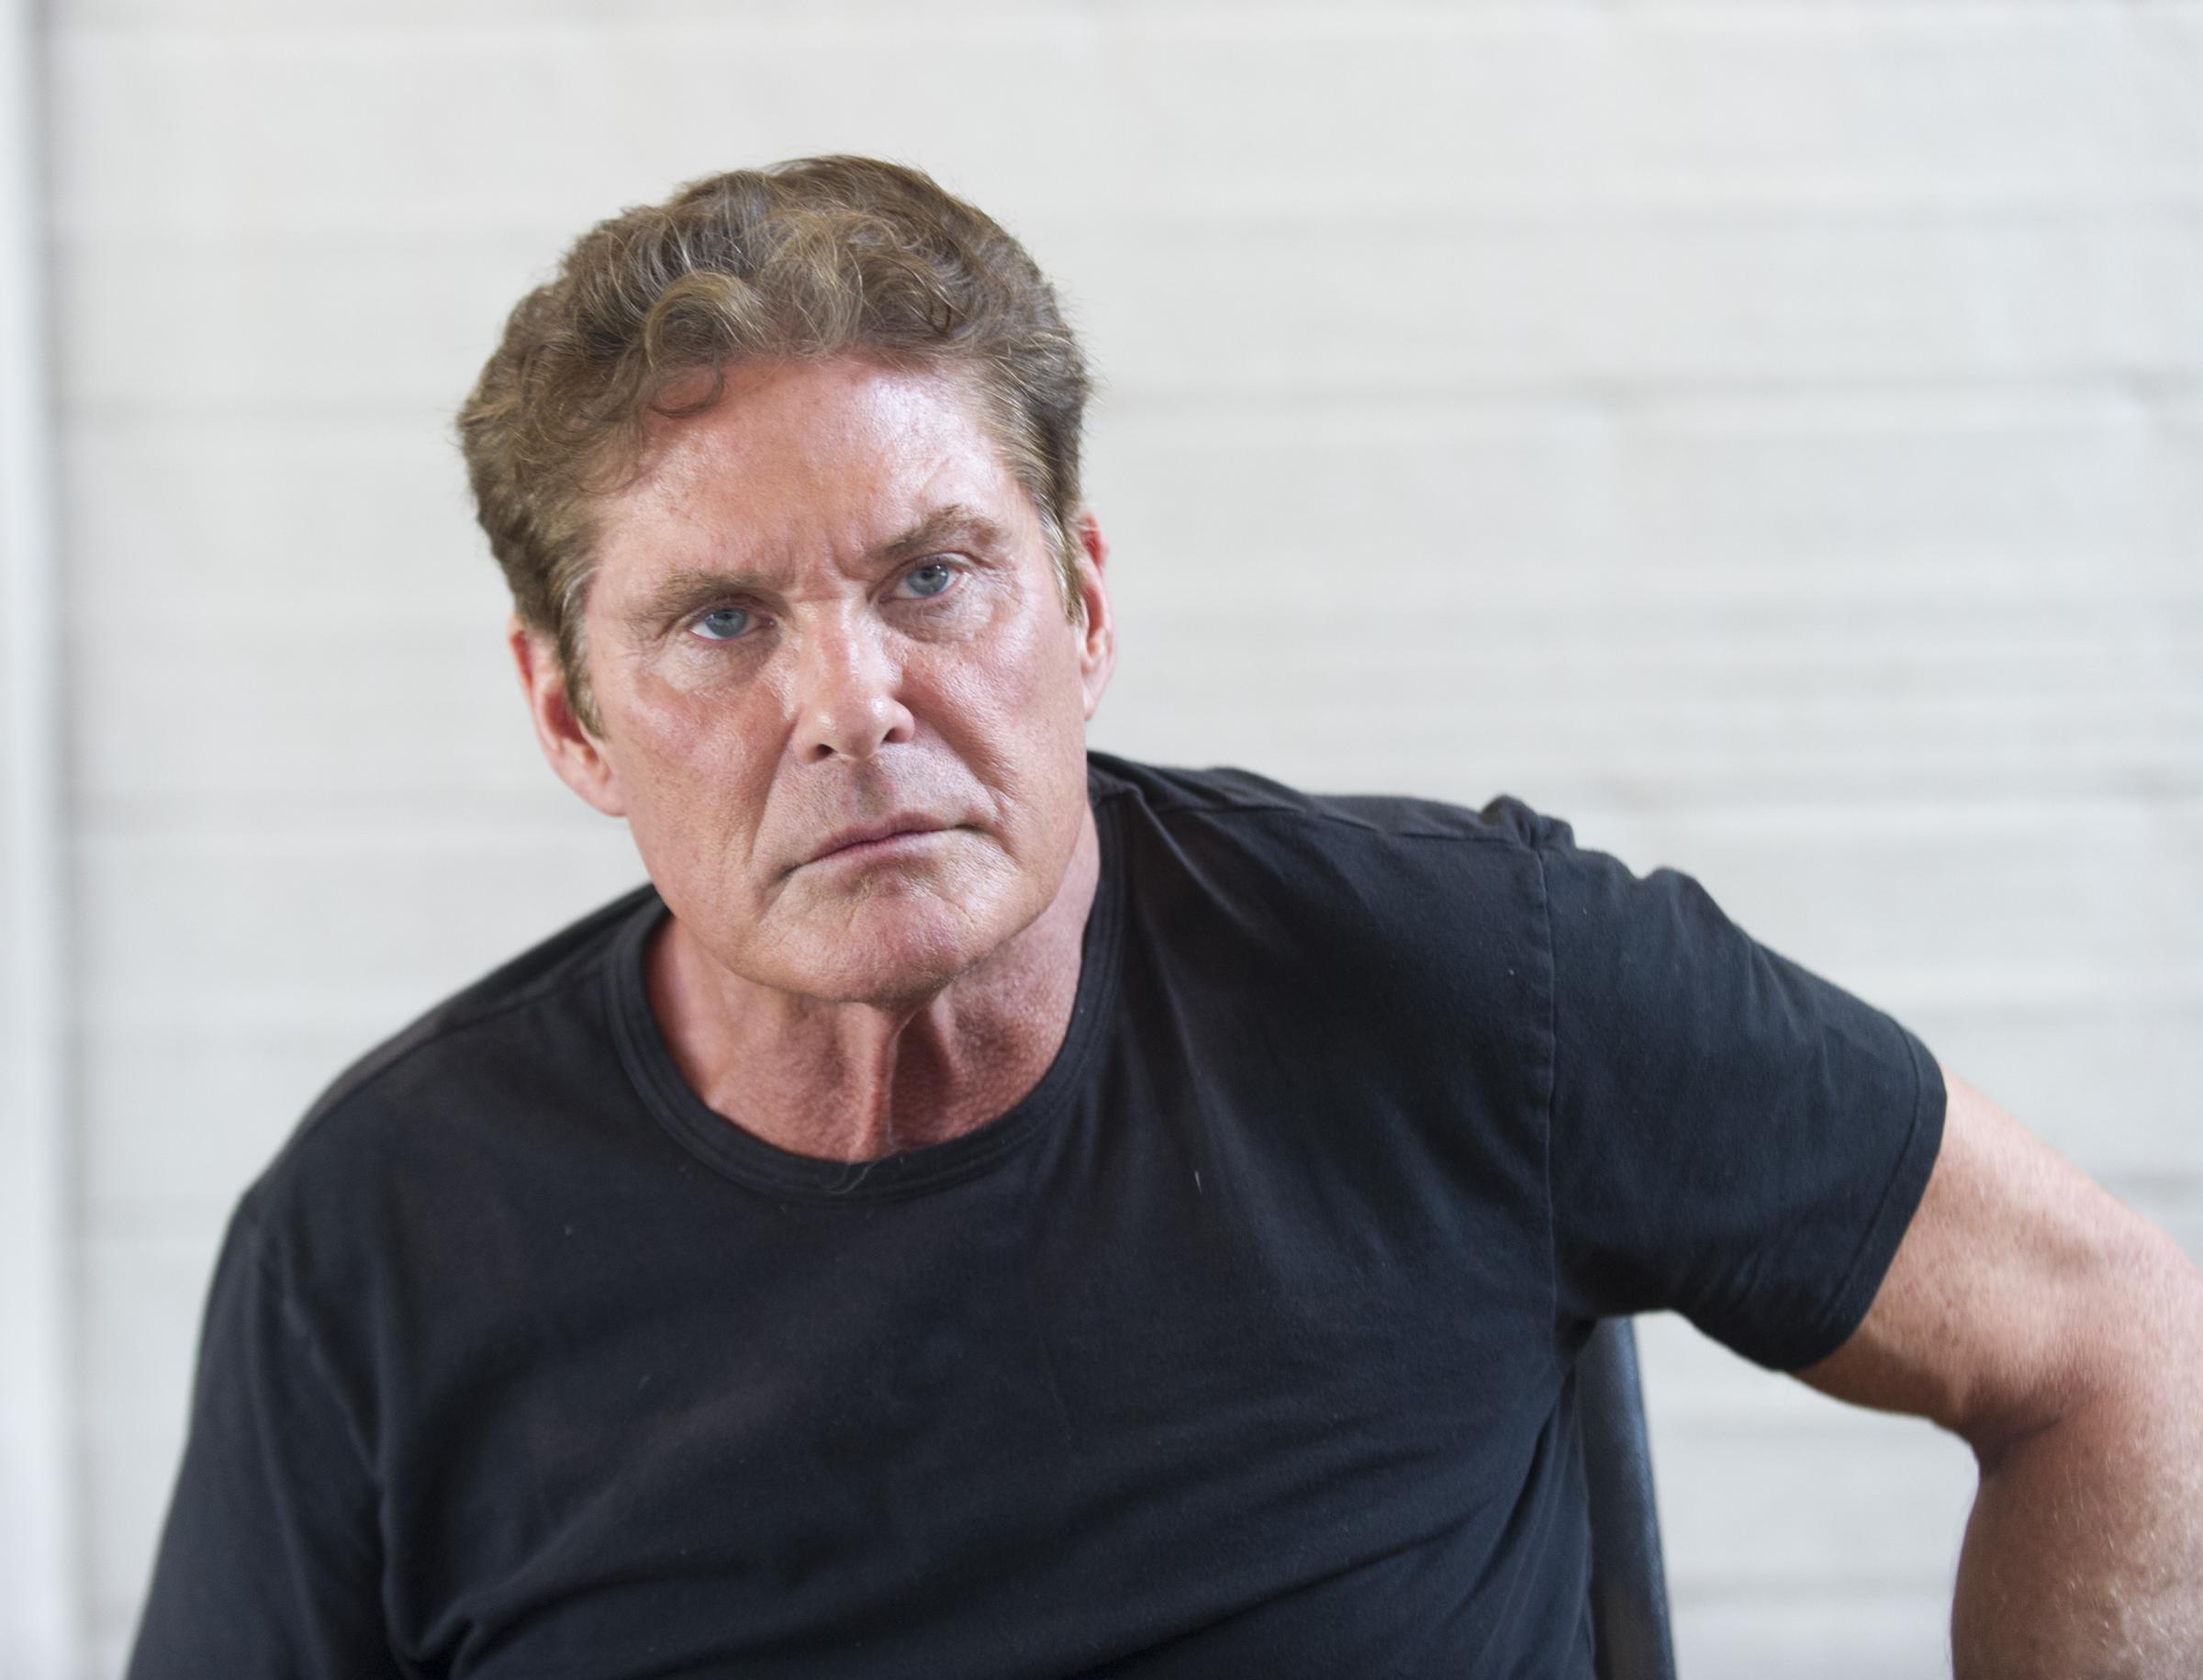 David Hasselhoff ritratti dei protagonisti in conferenza stampa